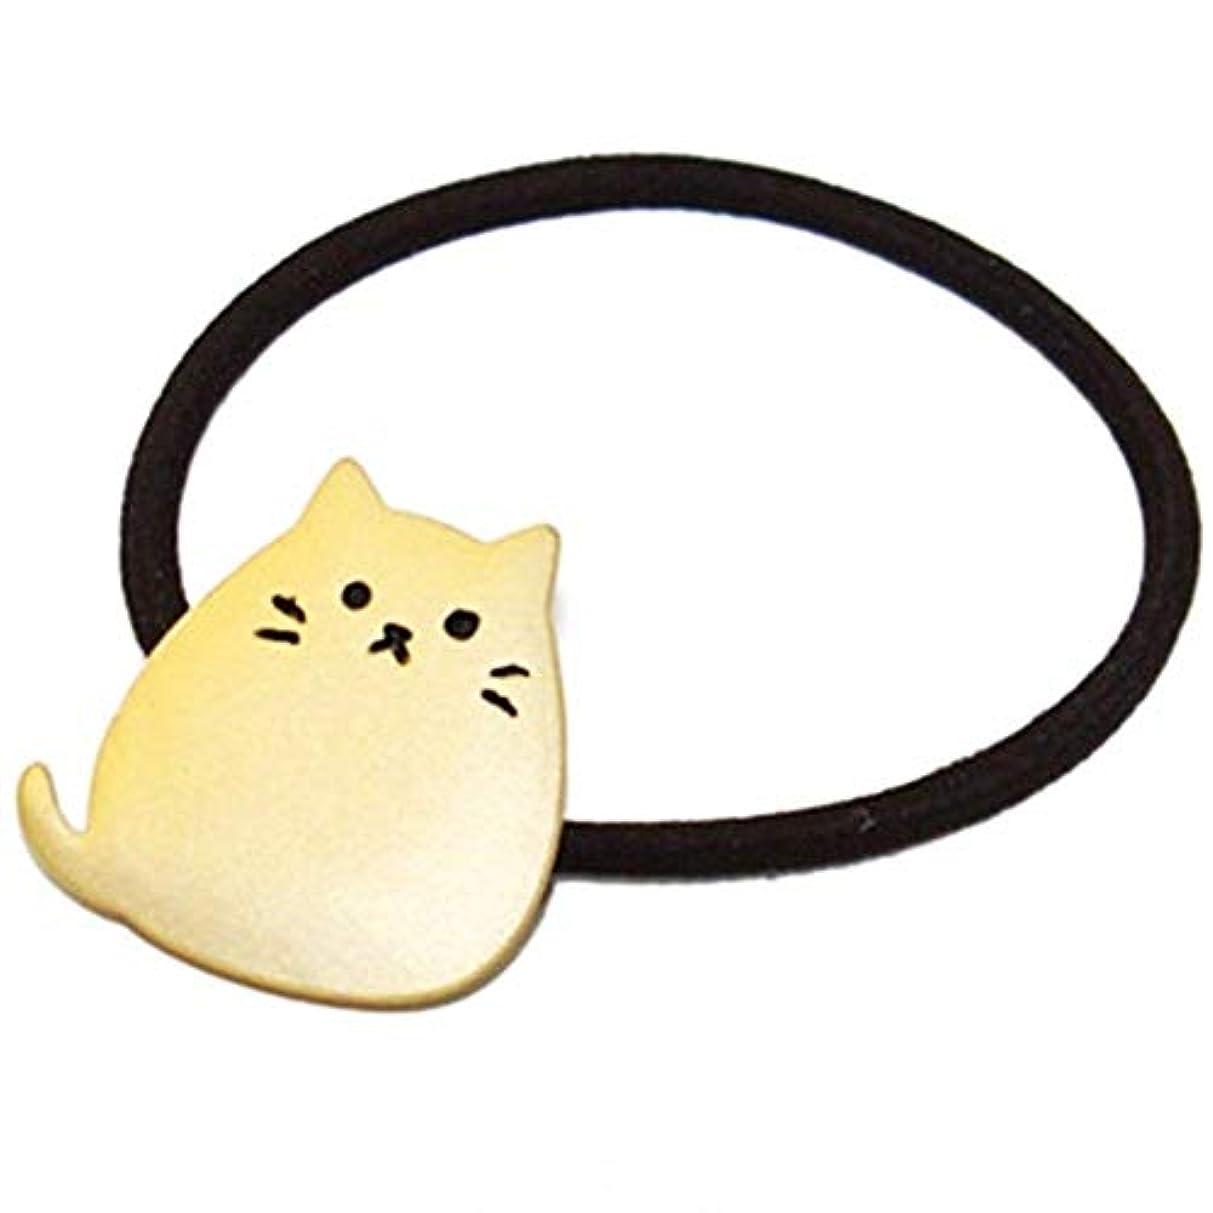 Onior ヘアロープ 弾性 リボン 髪飾り ヘアネクタイ 猫形 金属 メッキ 1ピース ゴールデン